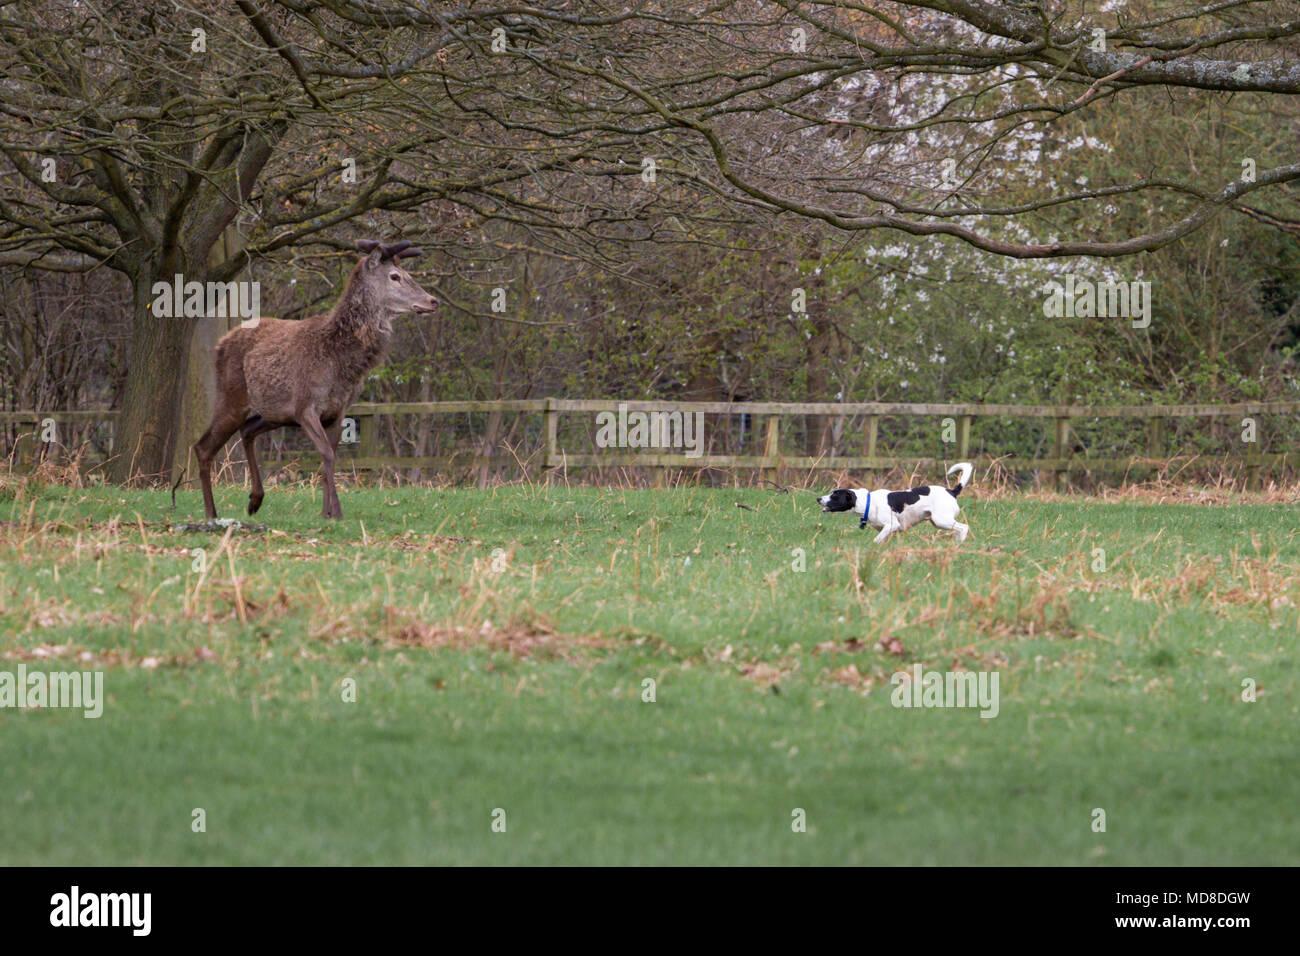 Un perro que es agresivo y hostigar a ciervos en Richmond Park, Londres . Se advierte a los propietarios para mantener a sus perros en candidatos para evitar esa confrontación. Imagen De Stock